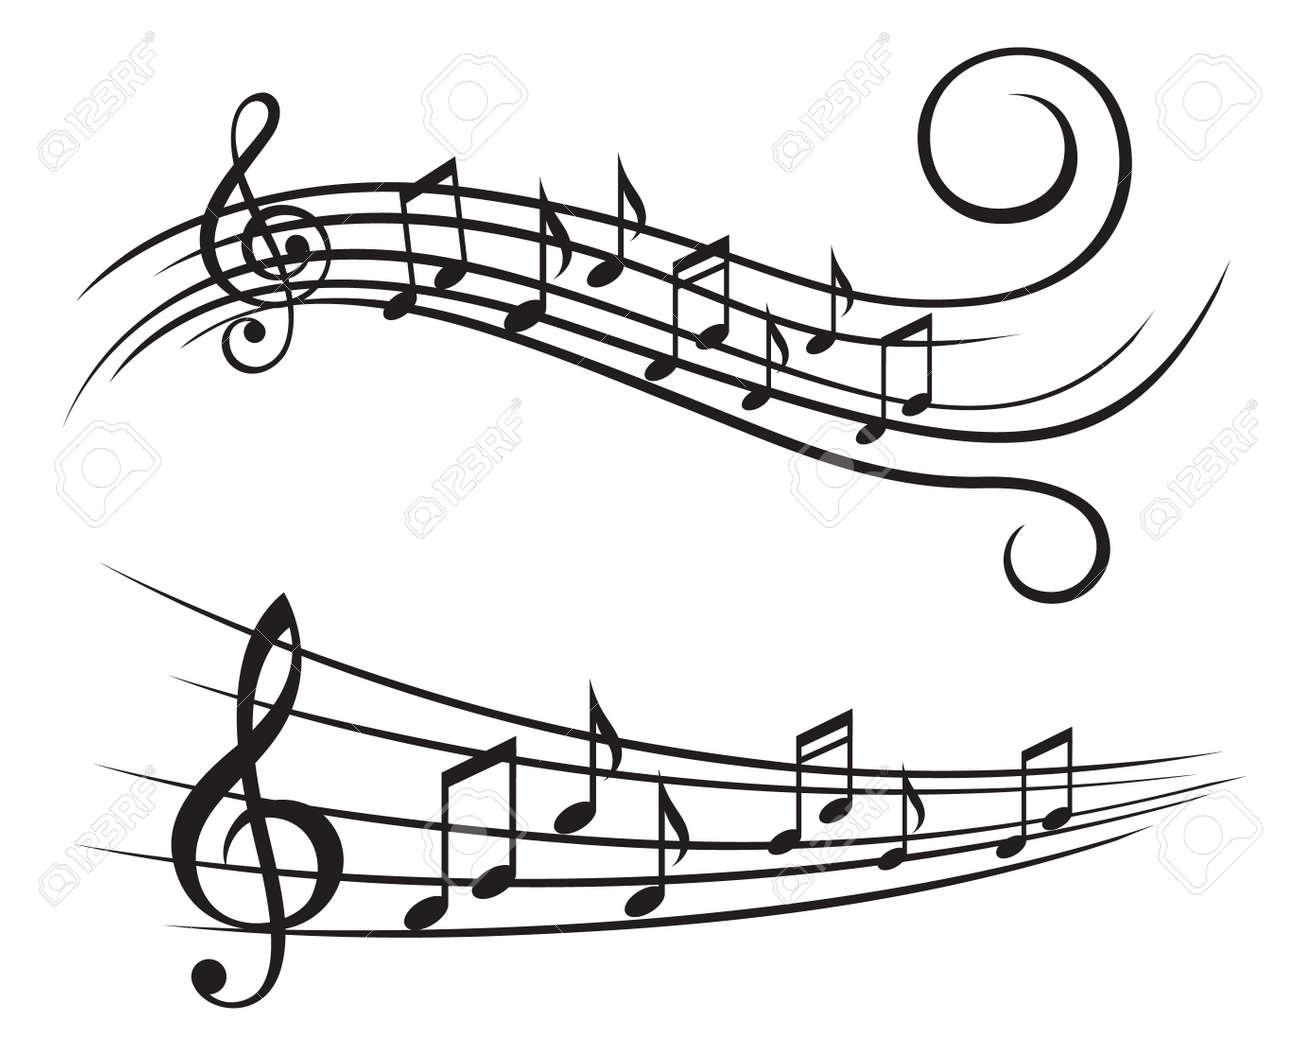 ステーブの音符の白黒イラストのイラスト素材ベクタ Image 48635183